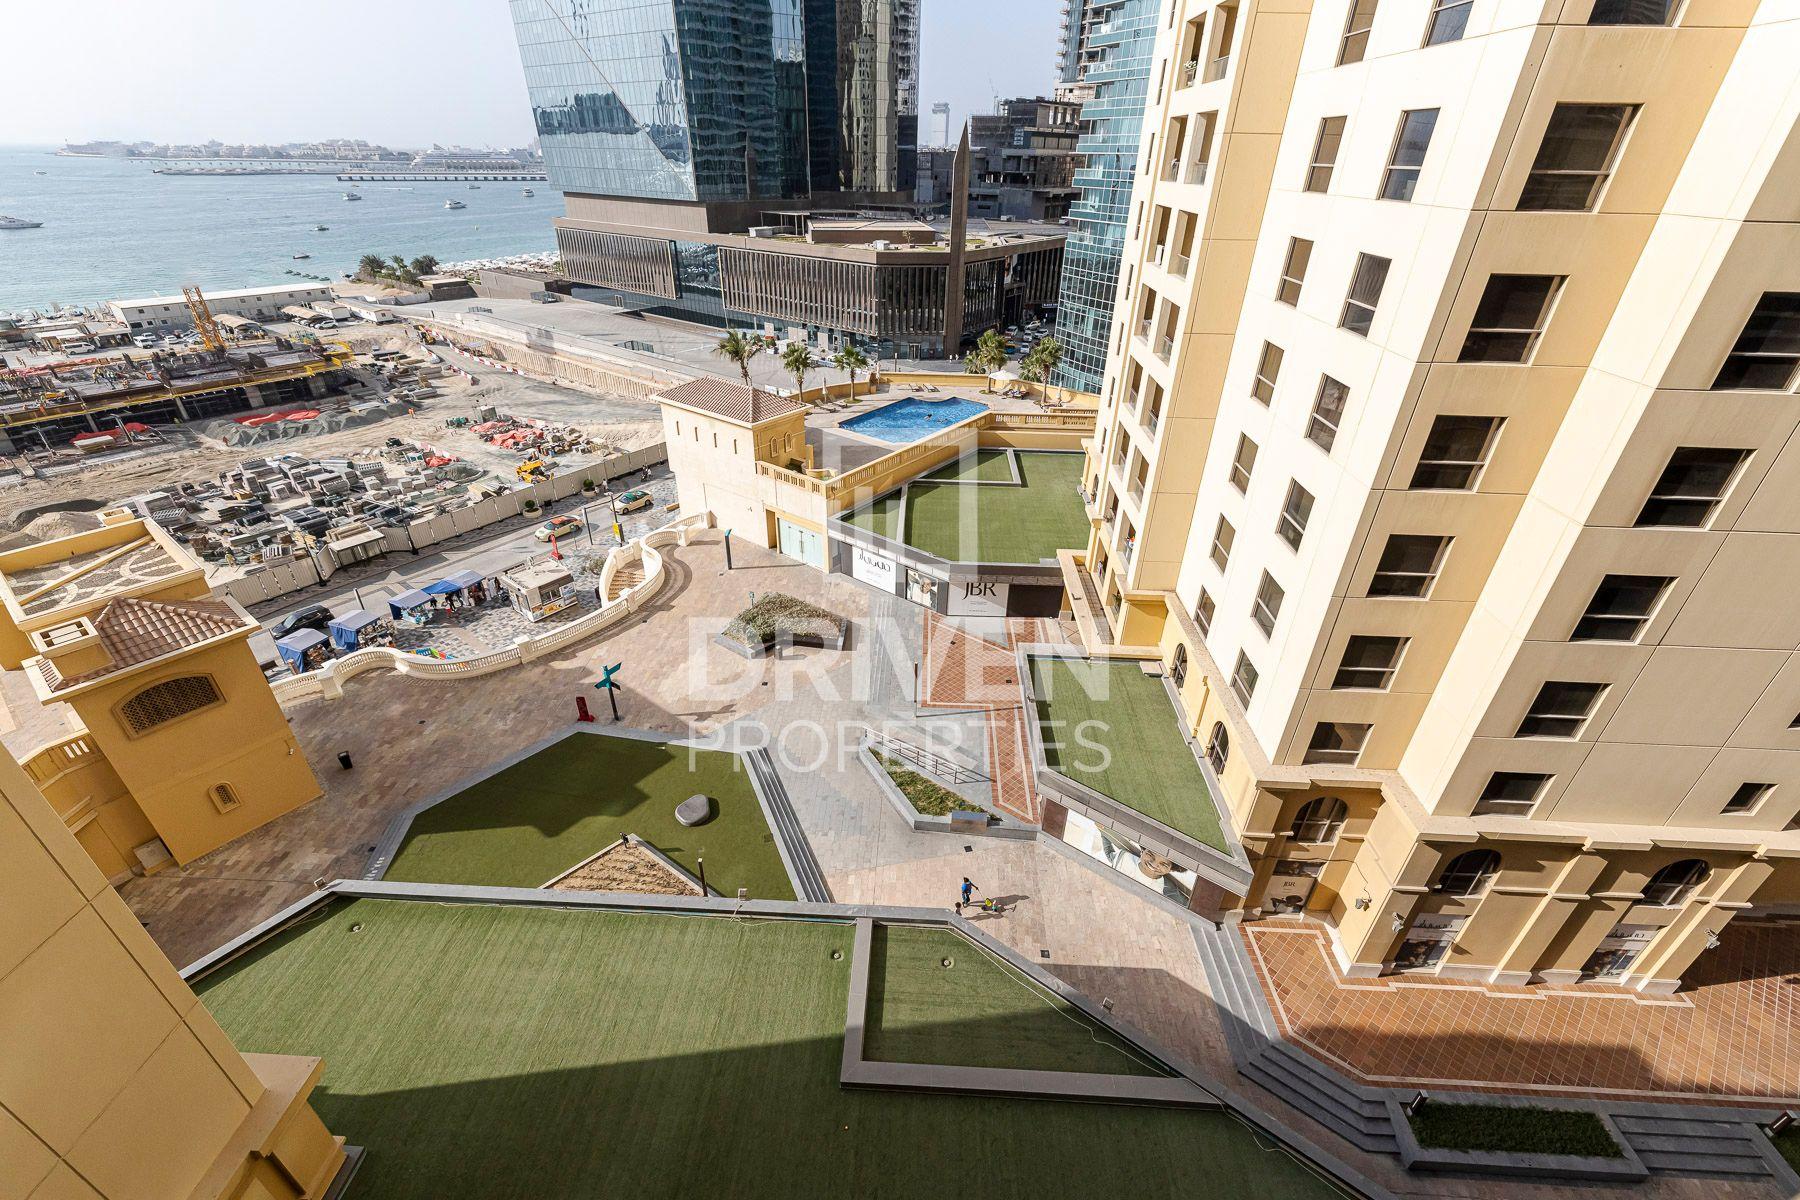 1,267 قدم مربع  شقة - للايجار - مساكن شاطئ الجميرا